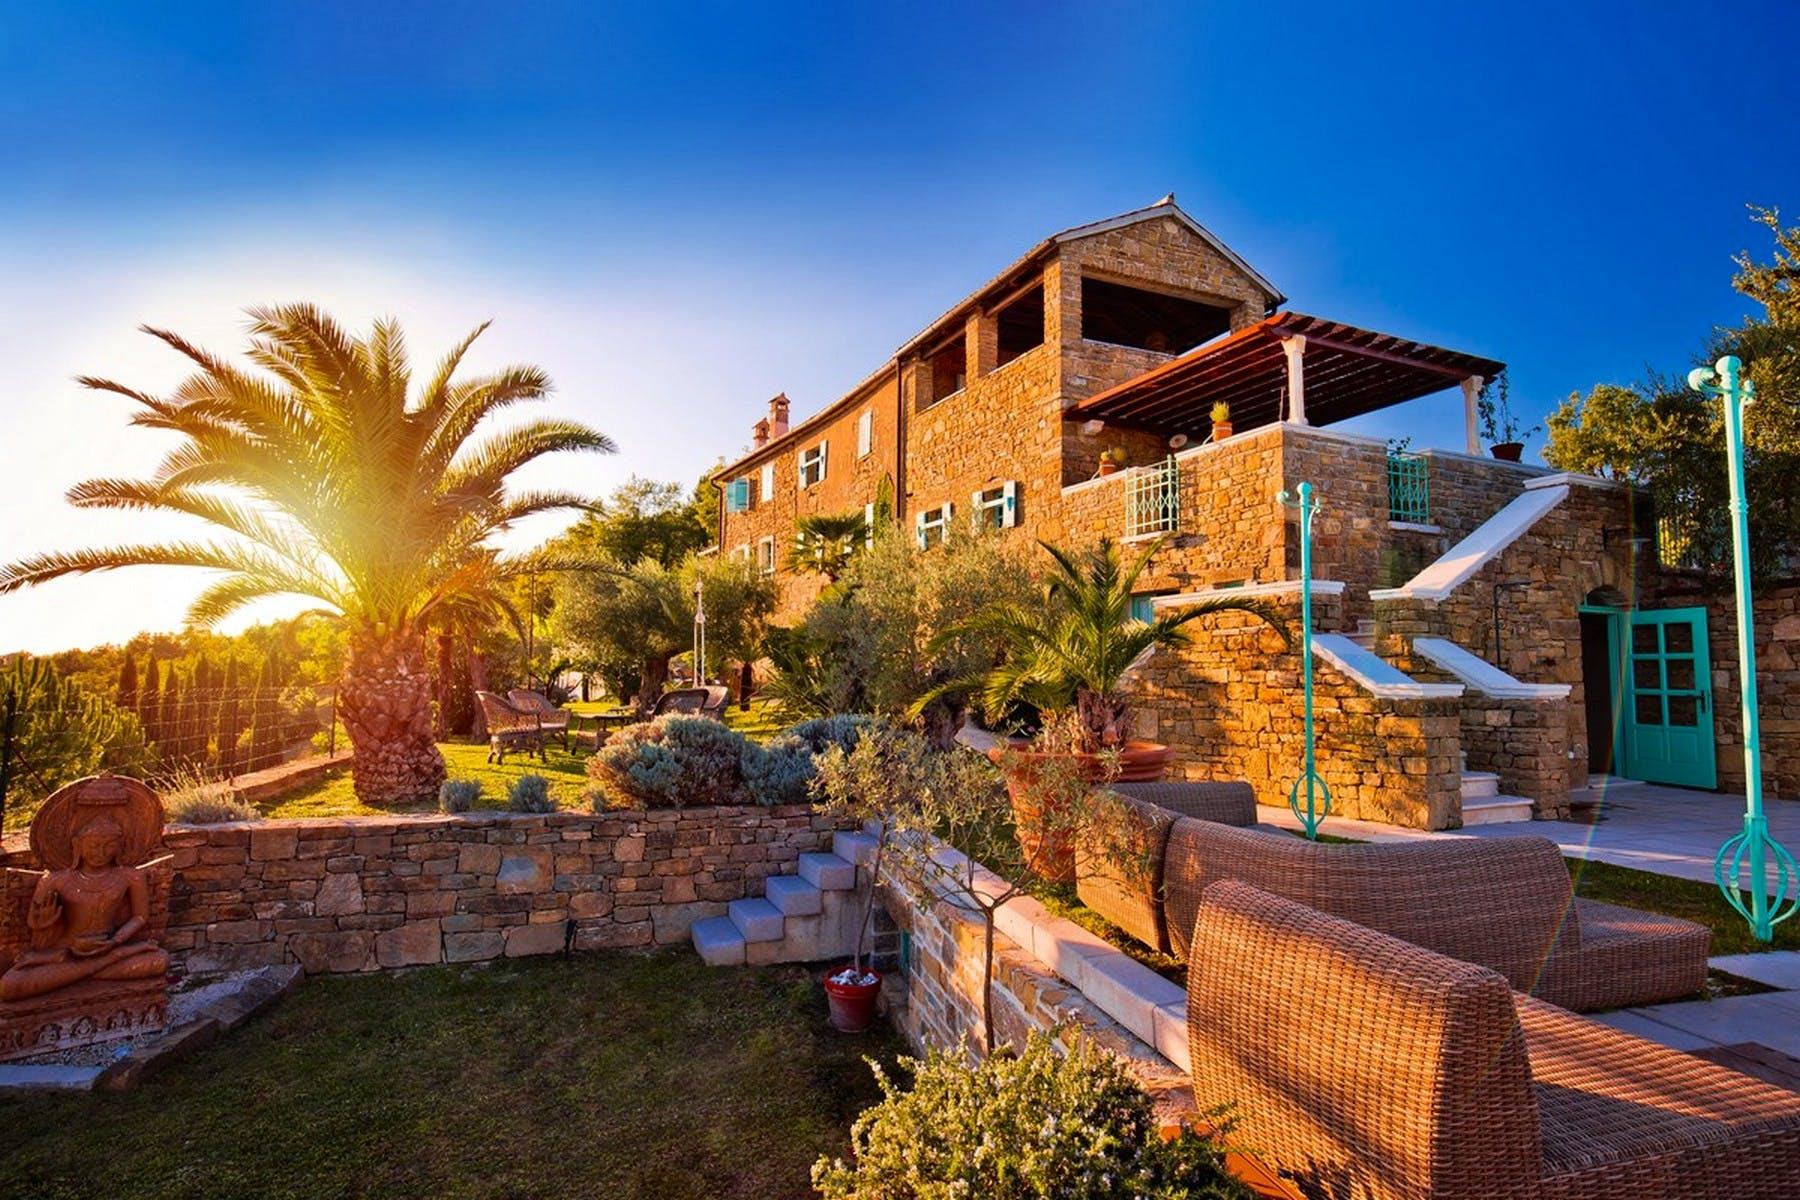 Villa Mirabella in the sunset